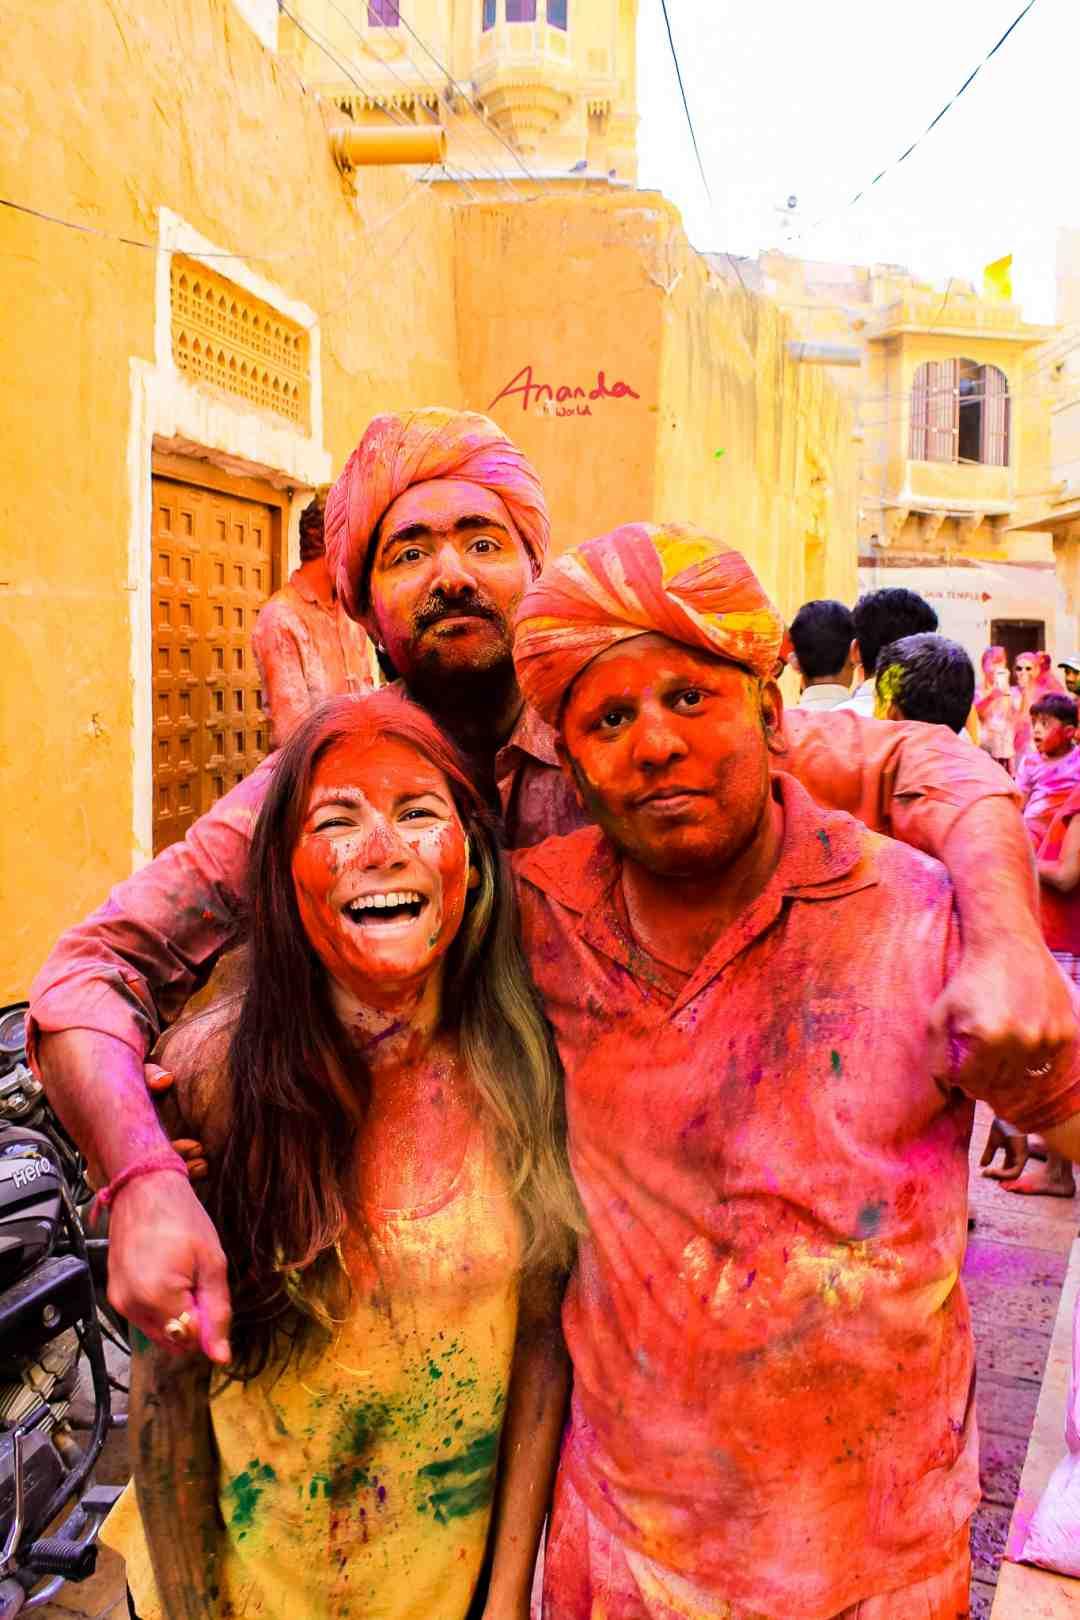 Gruppenbild von drei Personen am Holi Fest